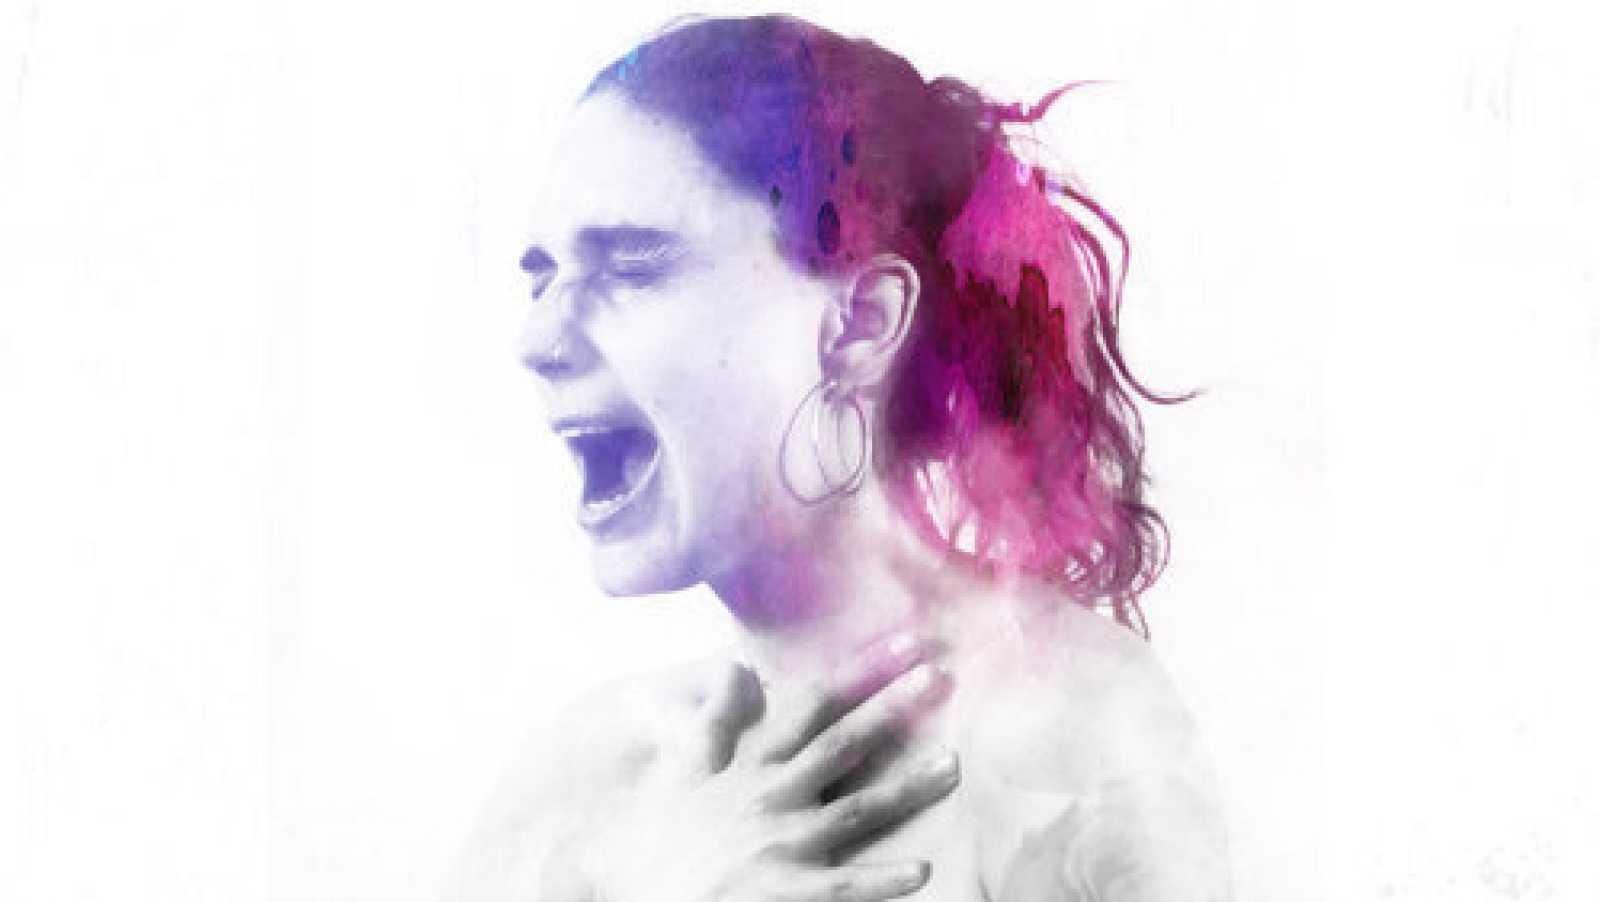 Artesfera - Irene Zugaza y Celia B-Soul nos presentan 'Caminamos juntas' - 20/09/18 - escuchar ahora